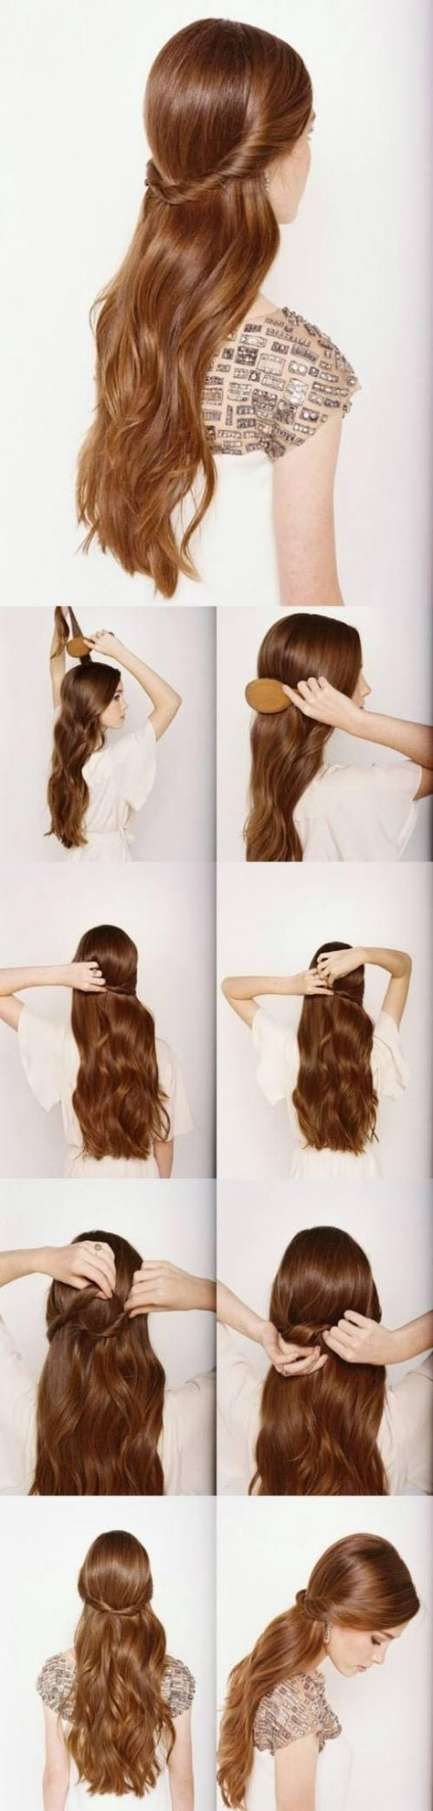 Super Frisuren Lose Mittel 46 Ideen